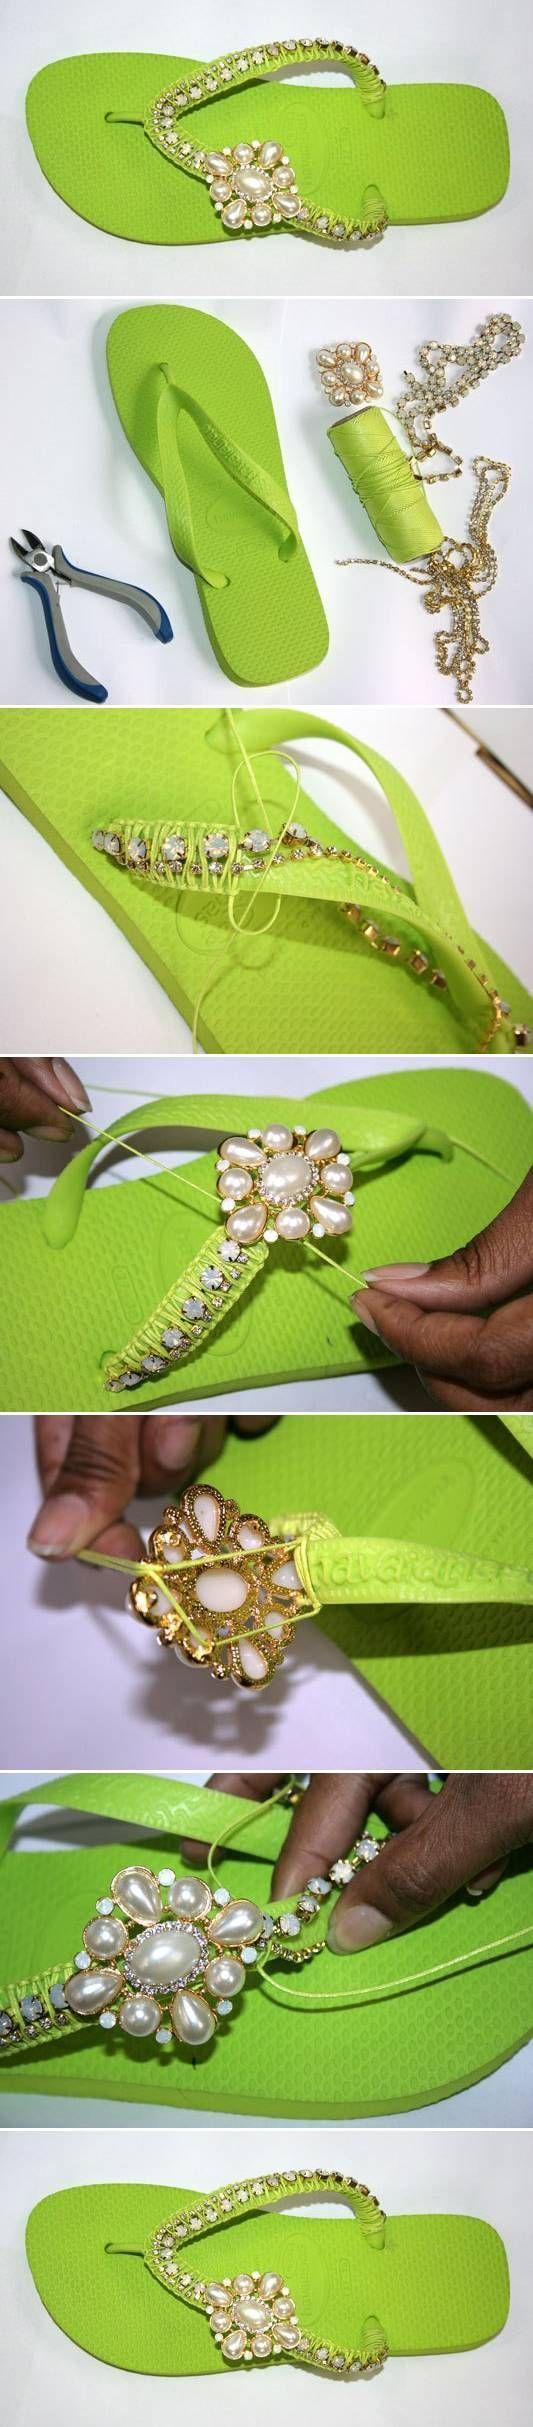 DIY - Embellished Flip Flops: